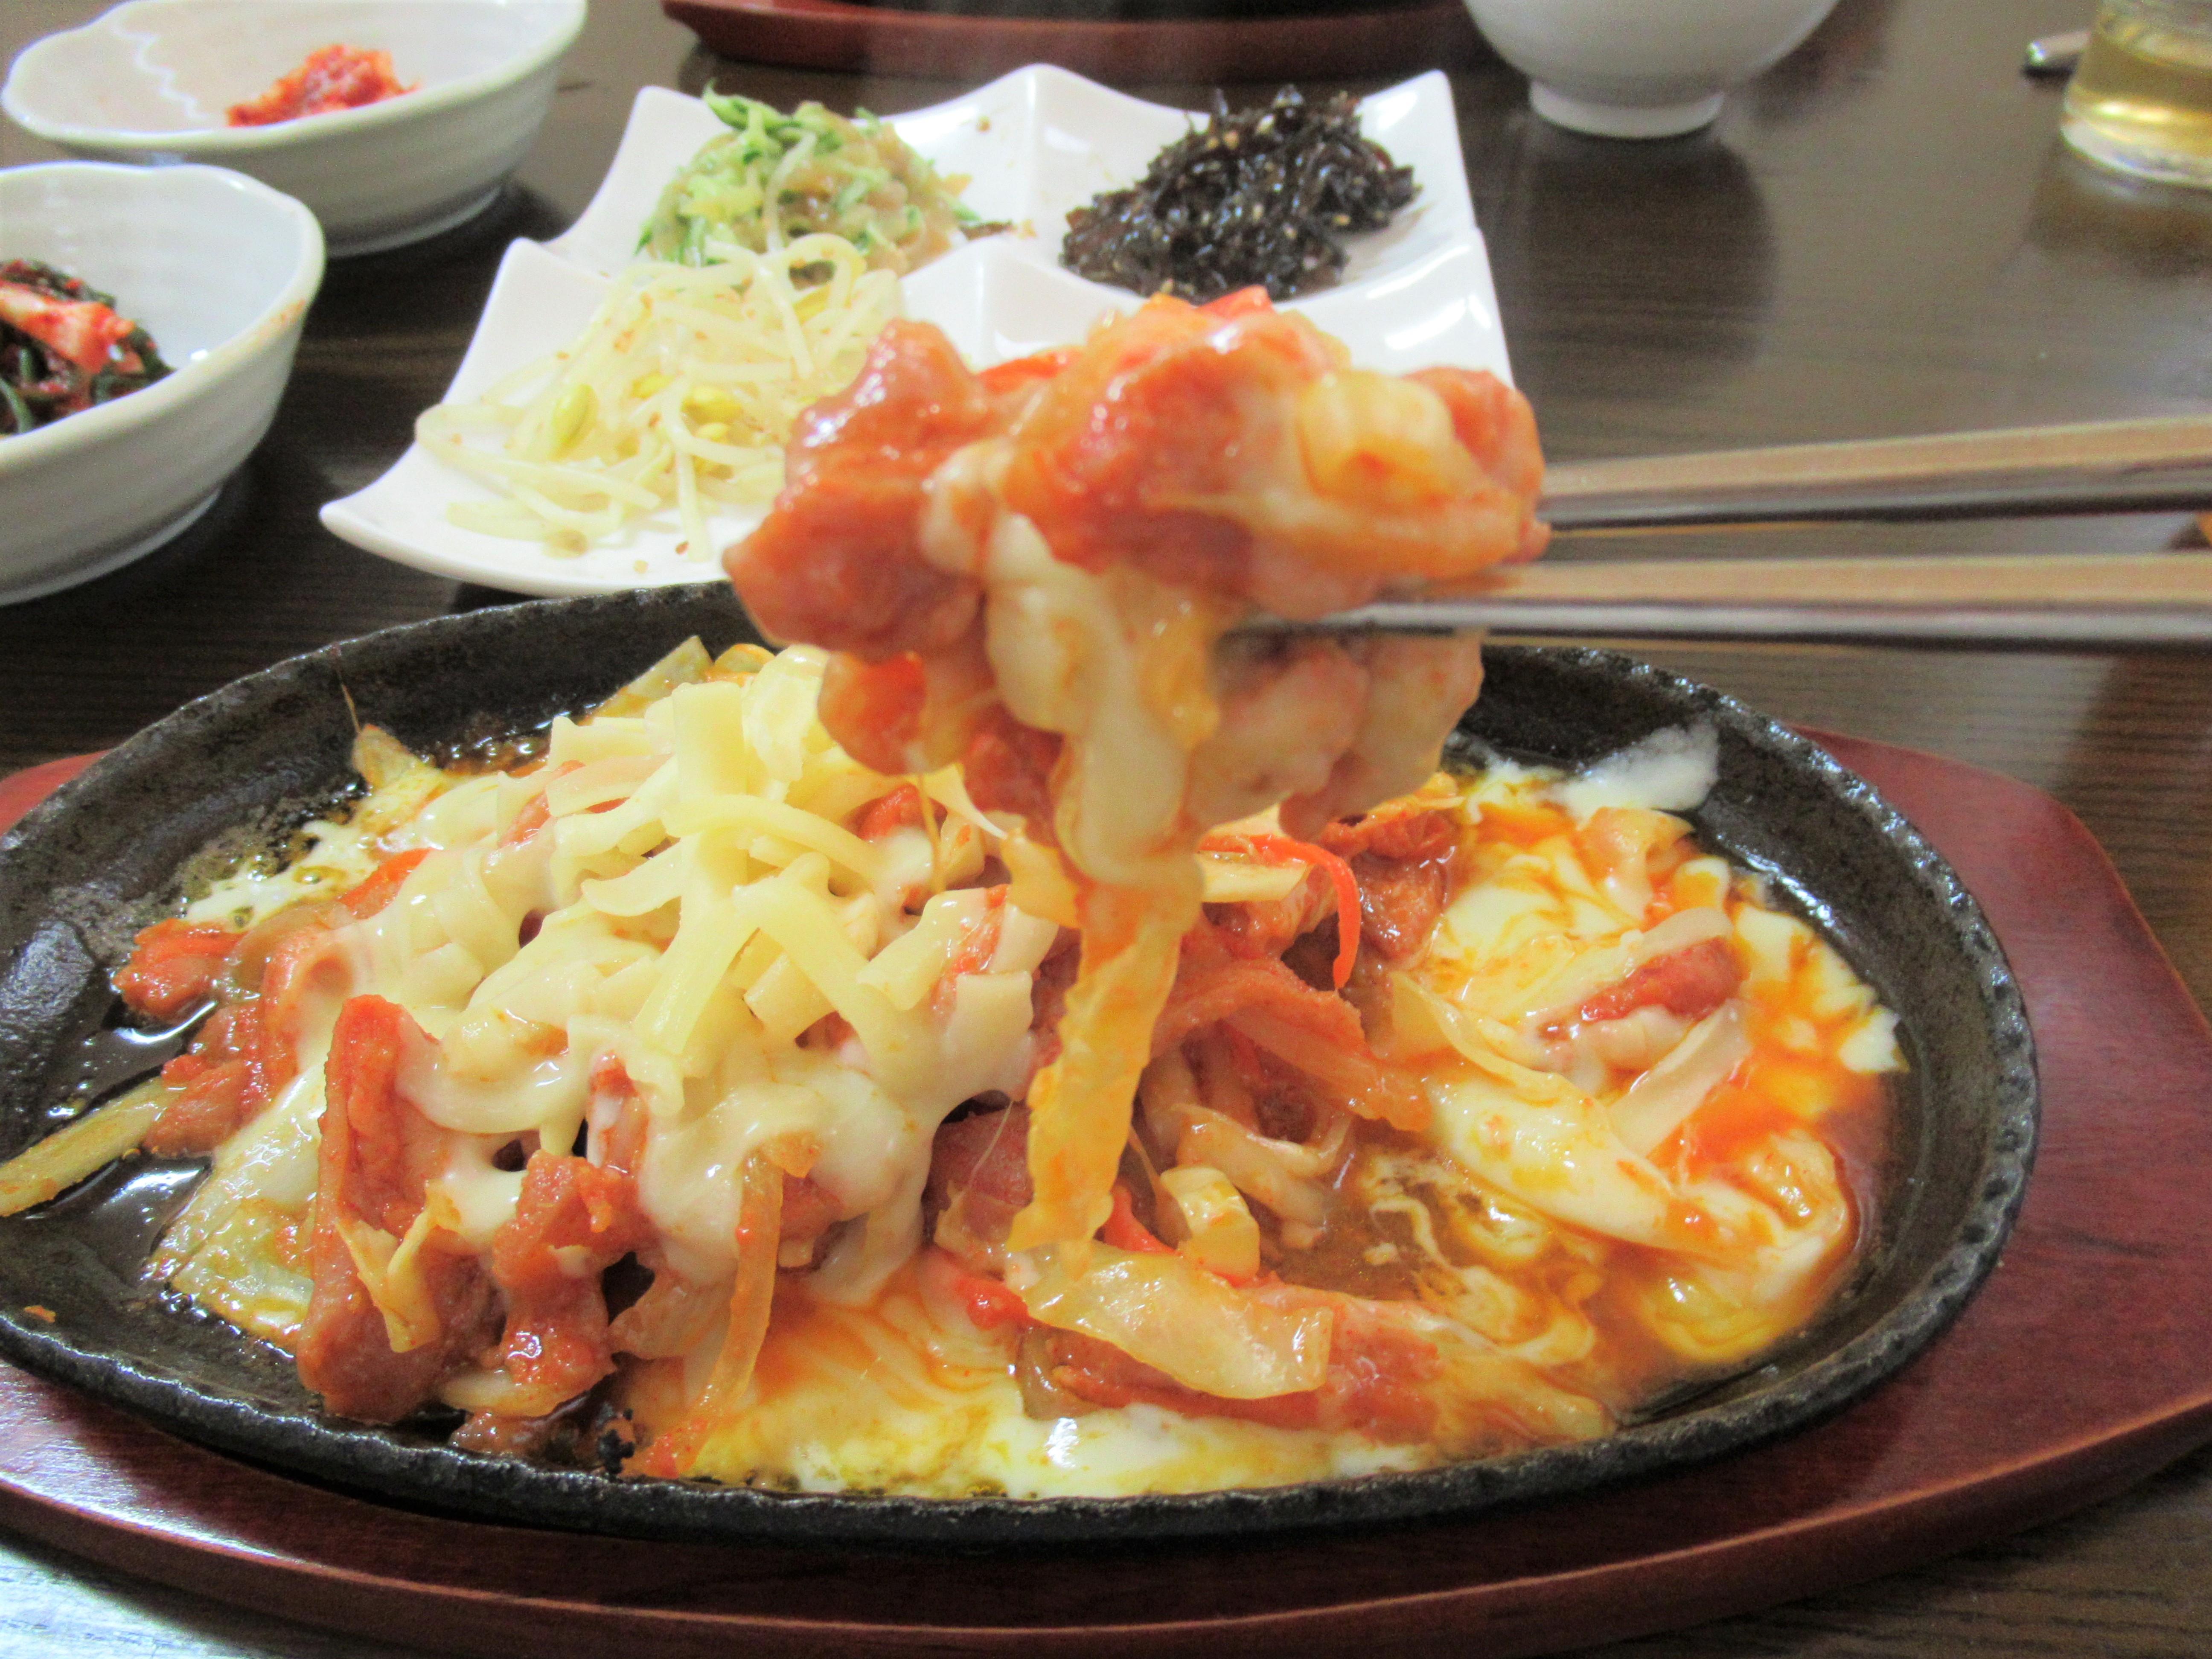 生野コリアタウン|食事は「笑顔の豚」食堂でチーズダッカルビ定食